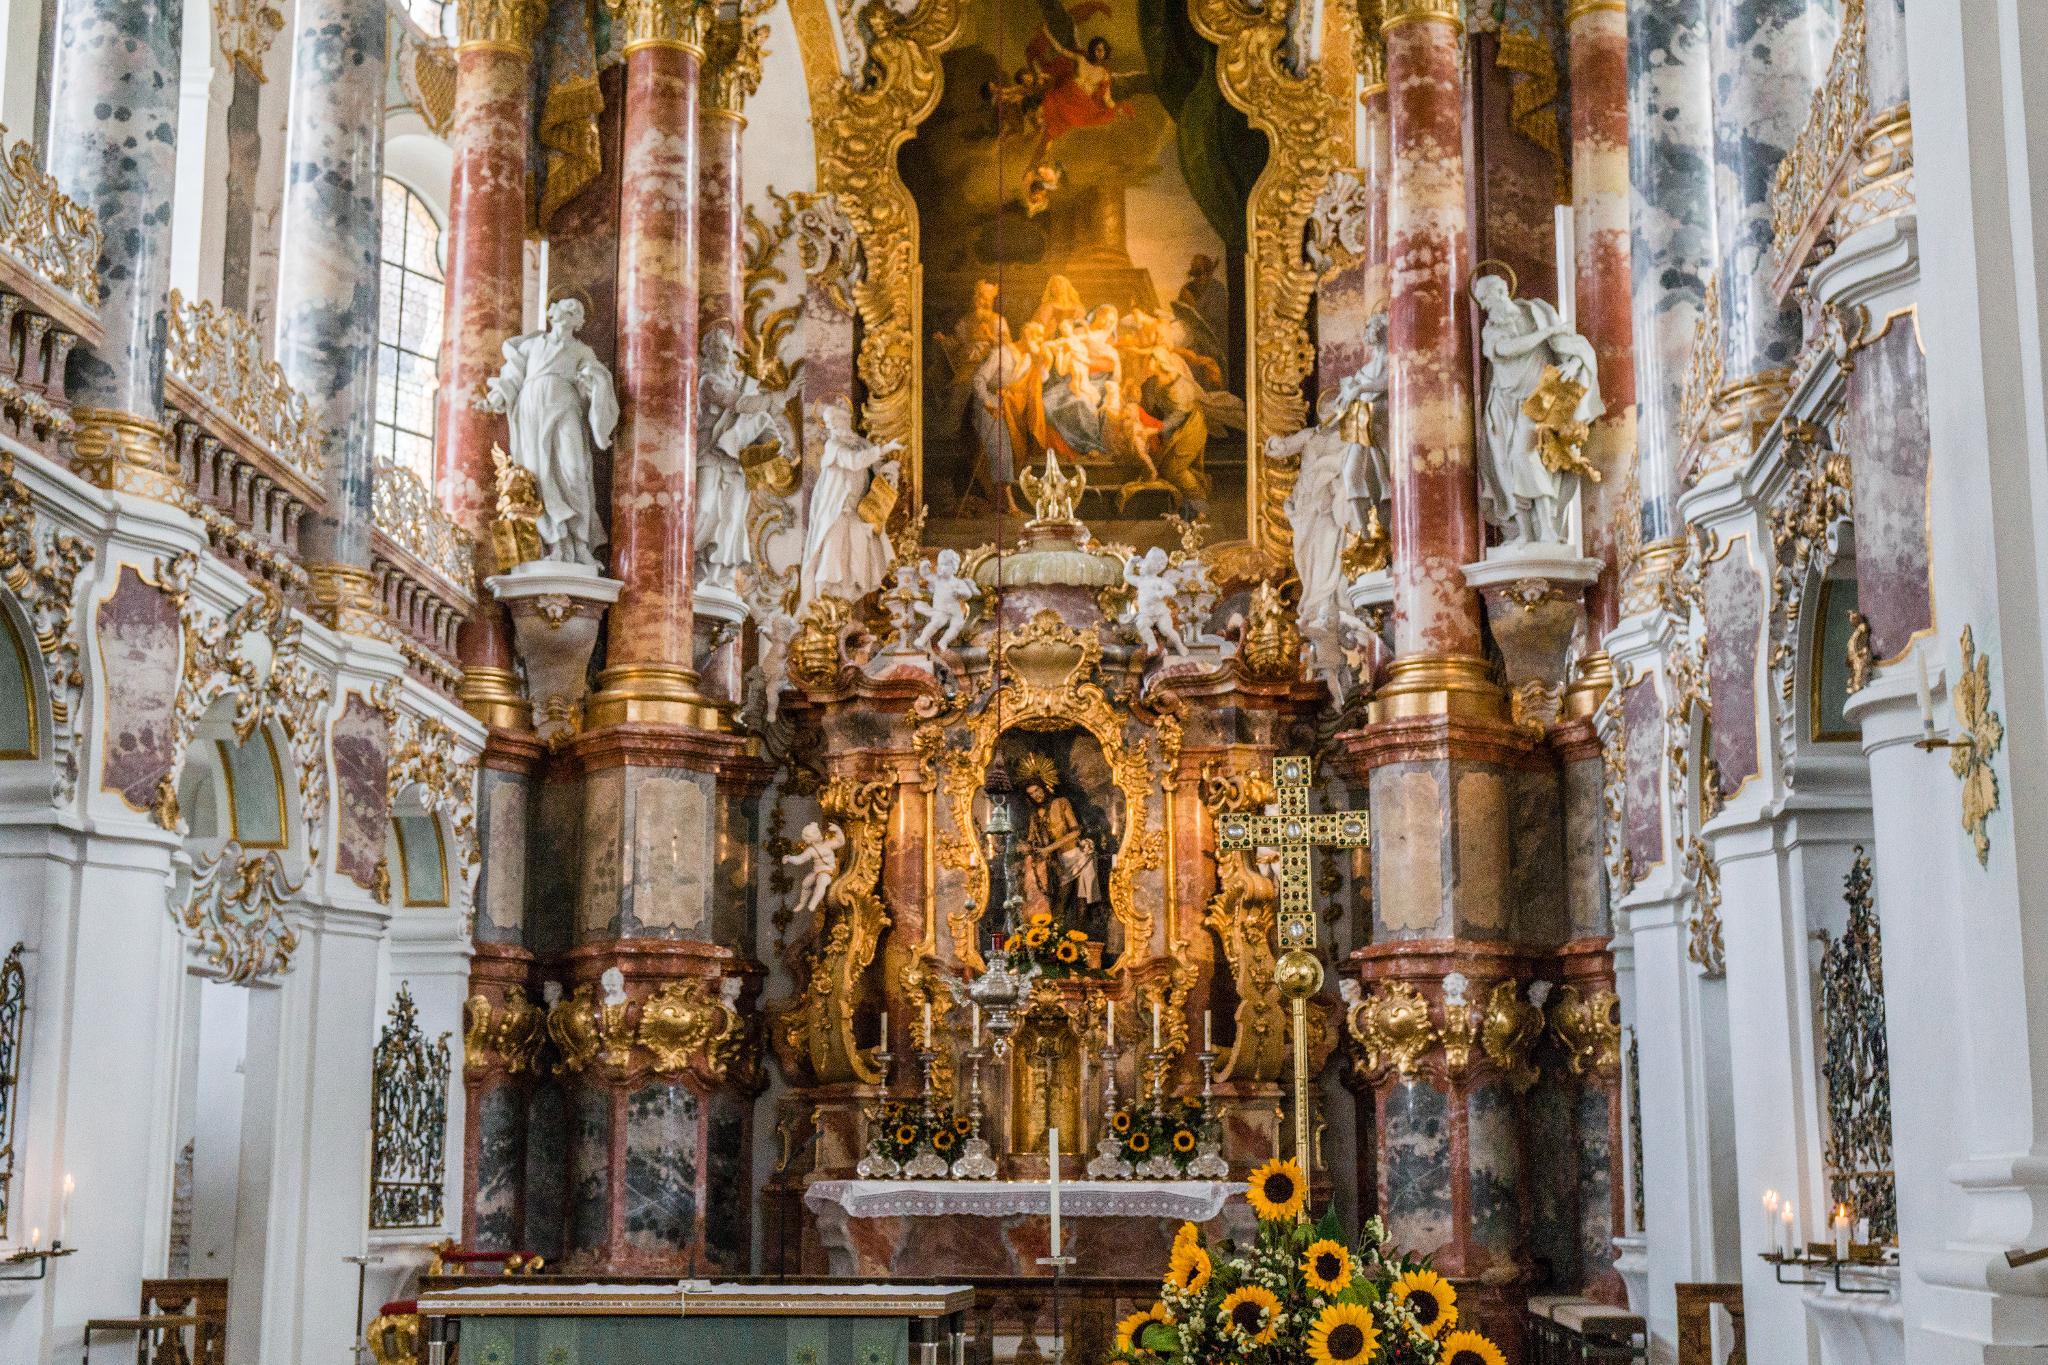 【德國】阿爾卑斯大道:維斯朝聖教堂 (Wieskirche) 20